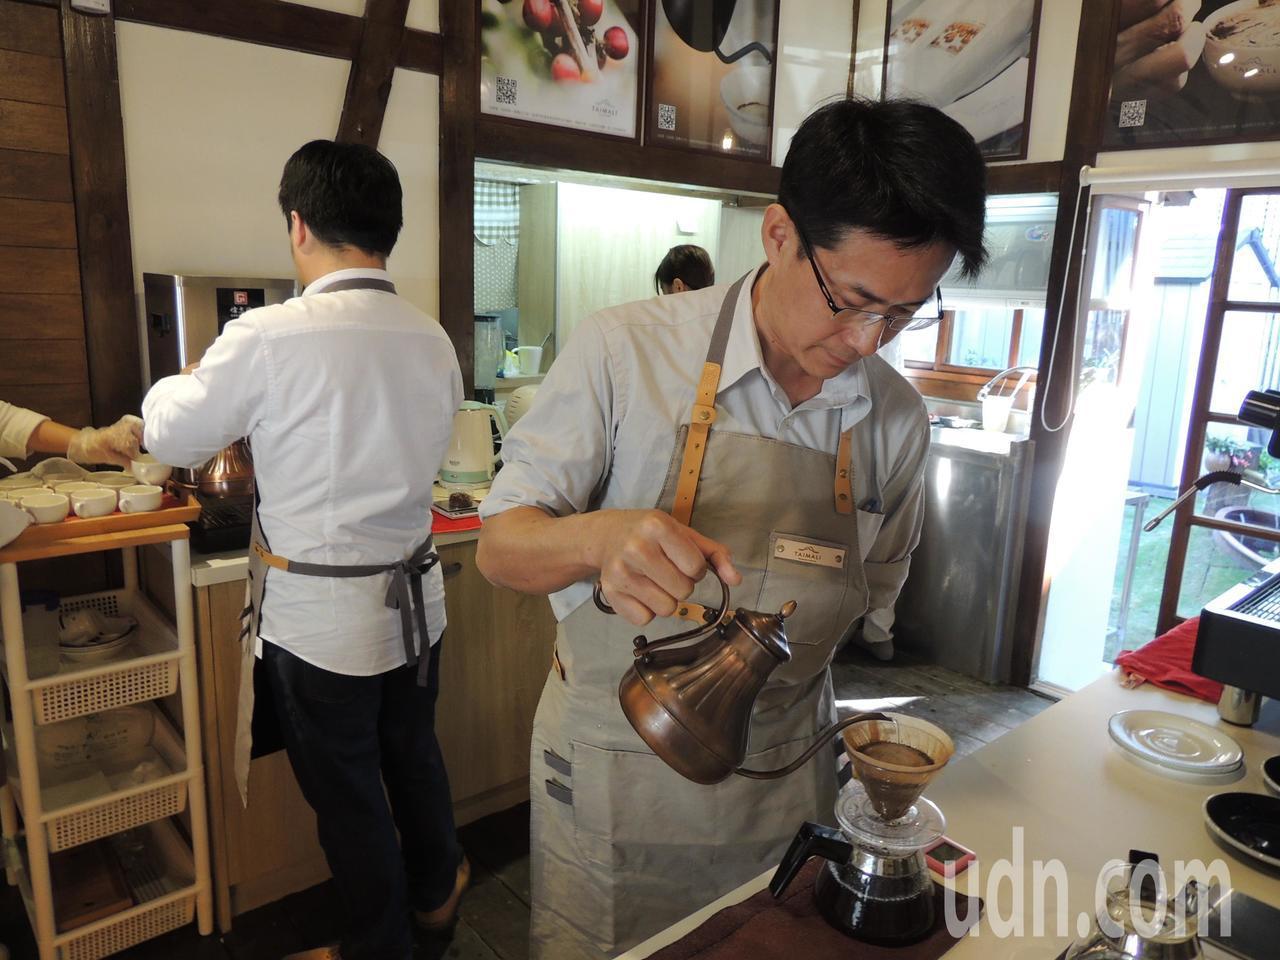 電影導演黃朝亮創建「太麻里文創咖啡」台灣本店昨在台東市開幕。記者羅紹平/攝影